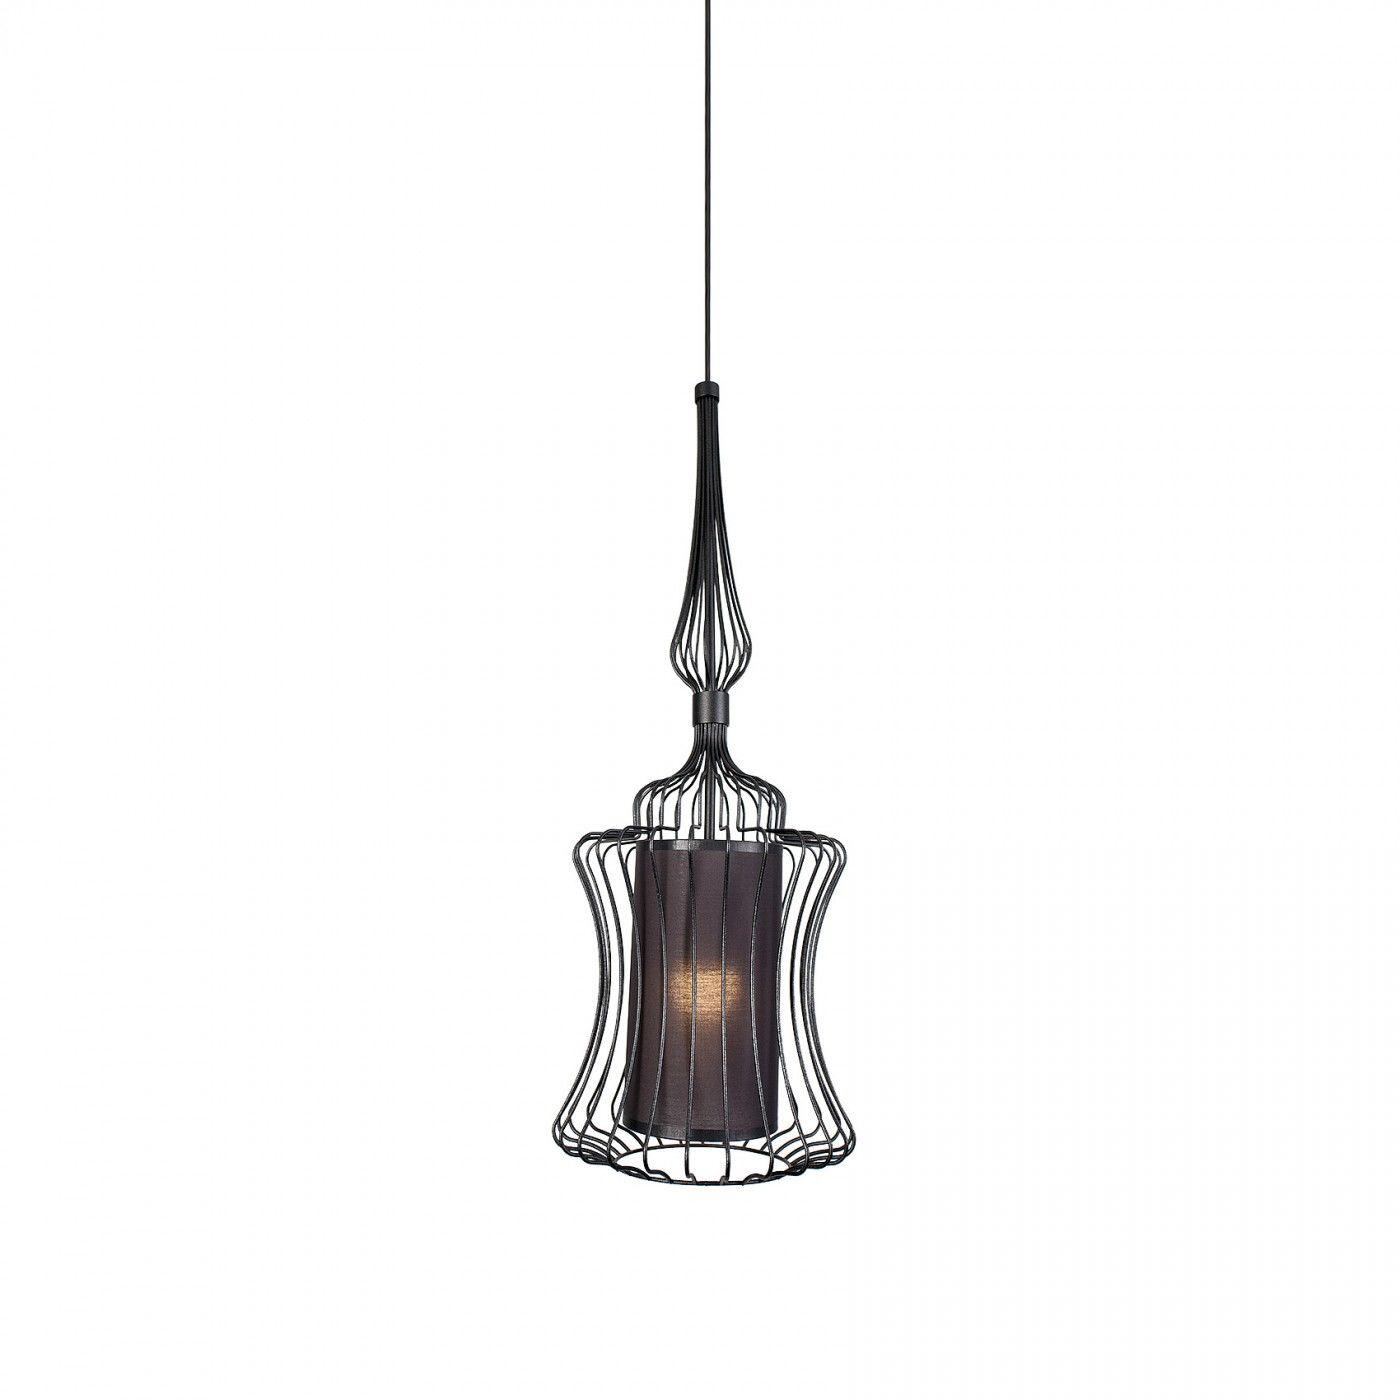 Lampa wisząca Abi S 8870 BL Nowodvorski Lighting nowoczesna druciana oprawa w kolorze czarnym